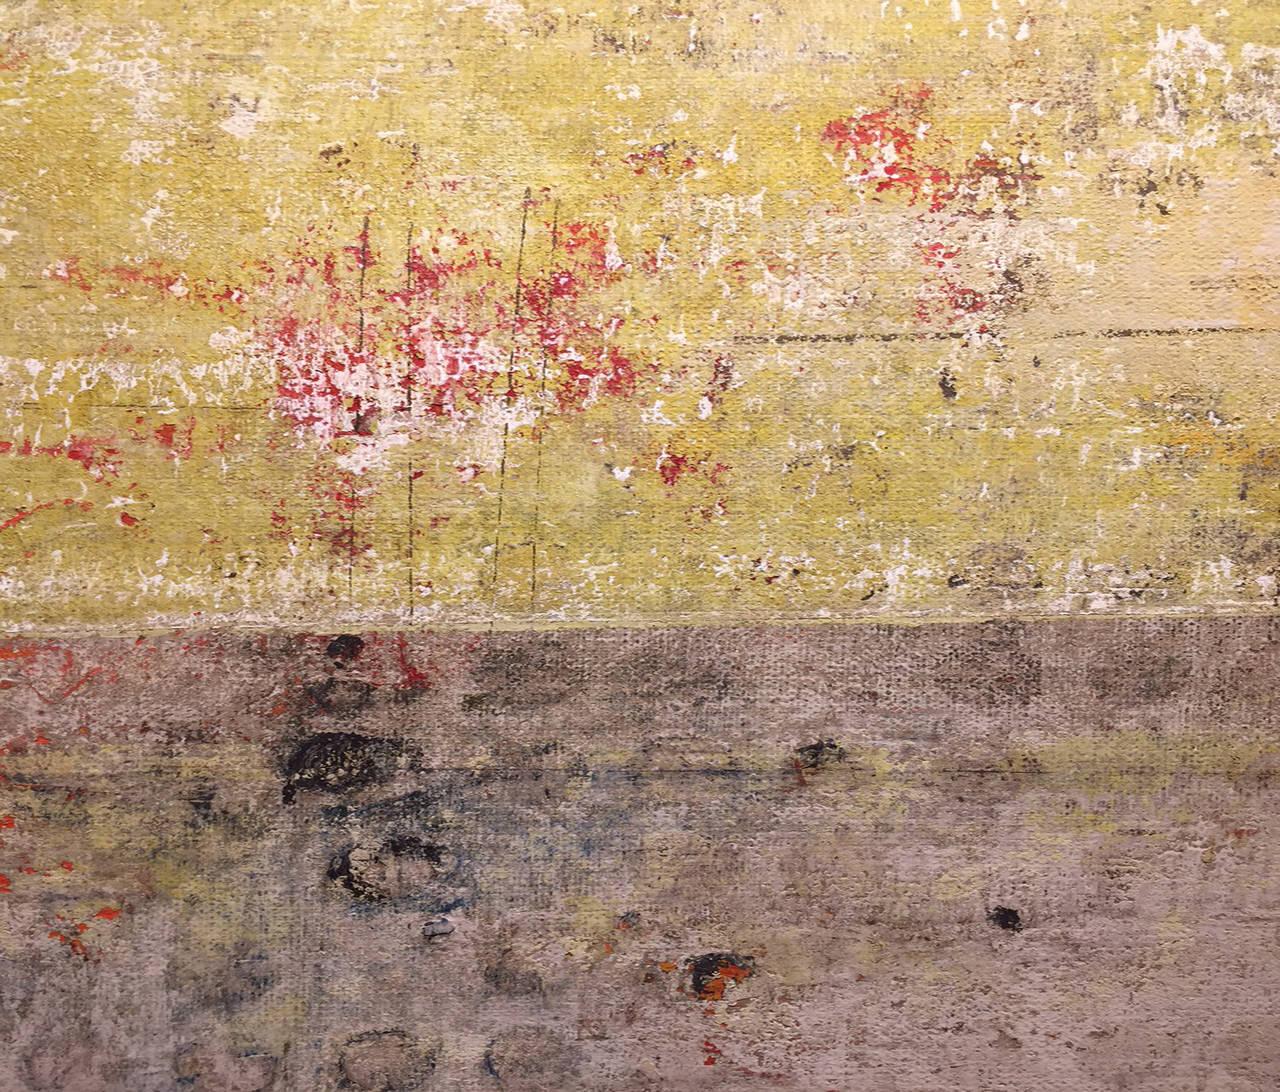 Cadiz - American Modern Painting by Stanley Bate